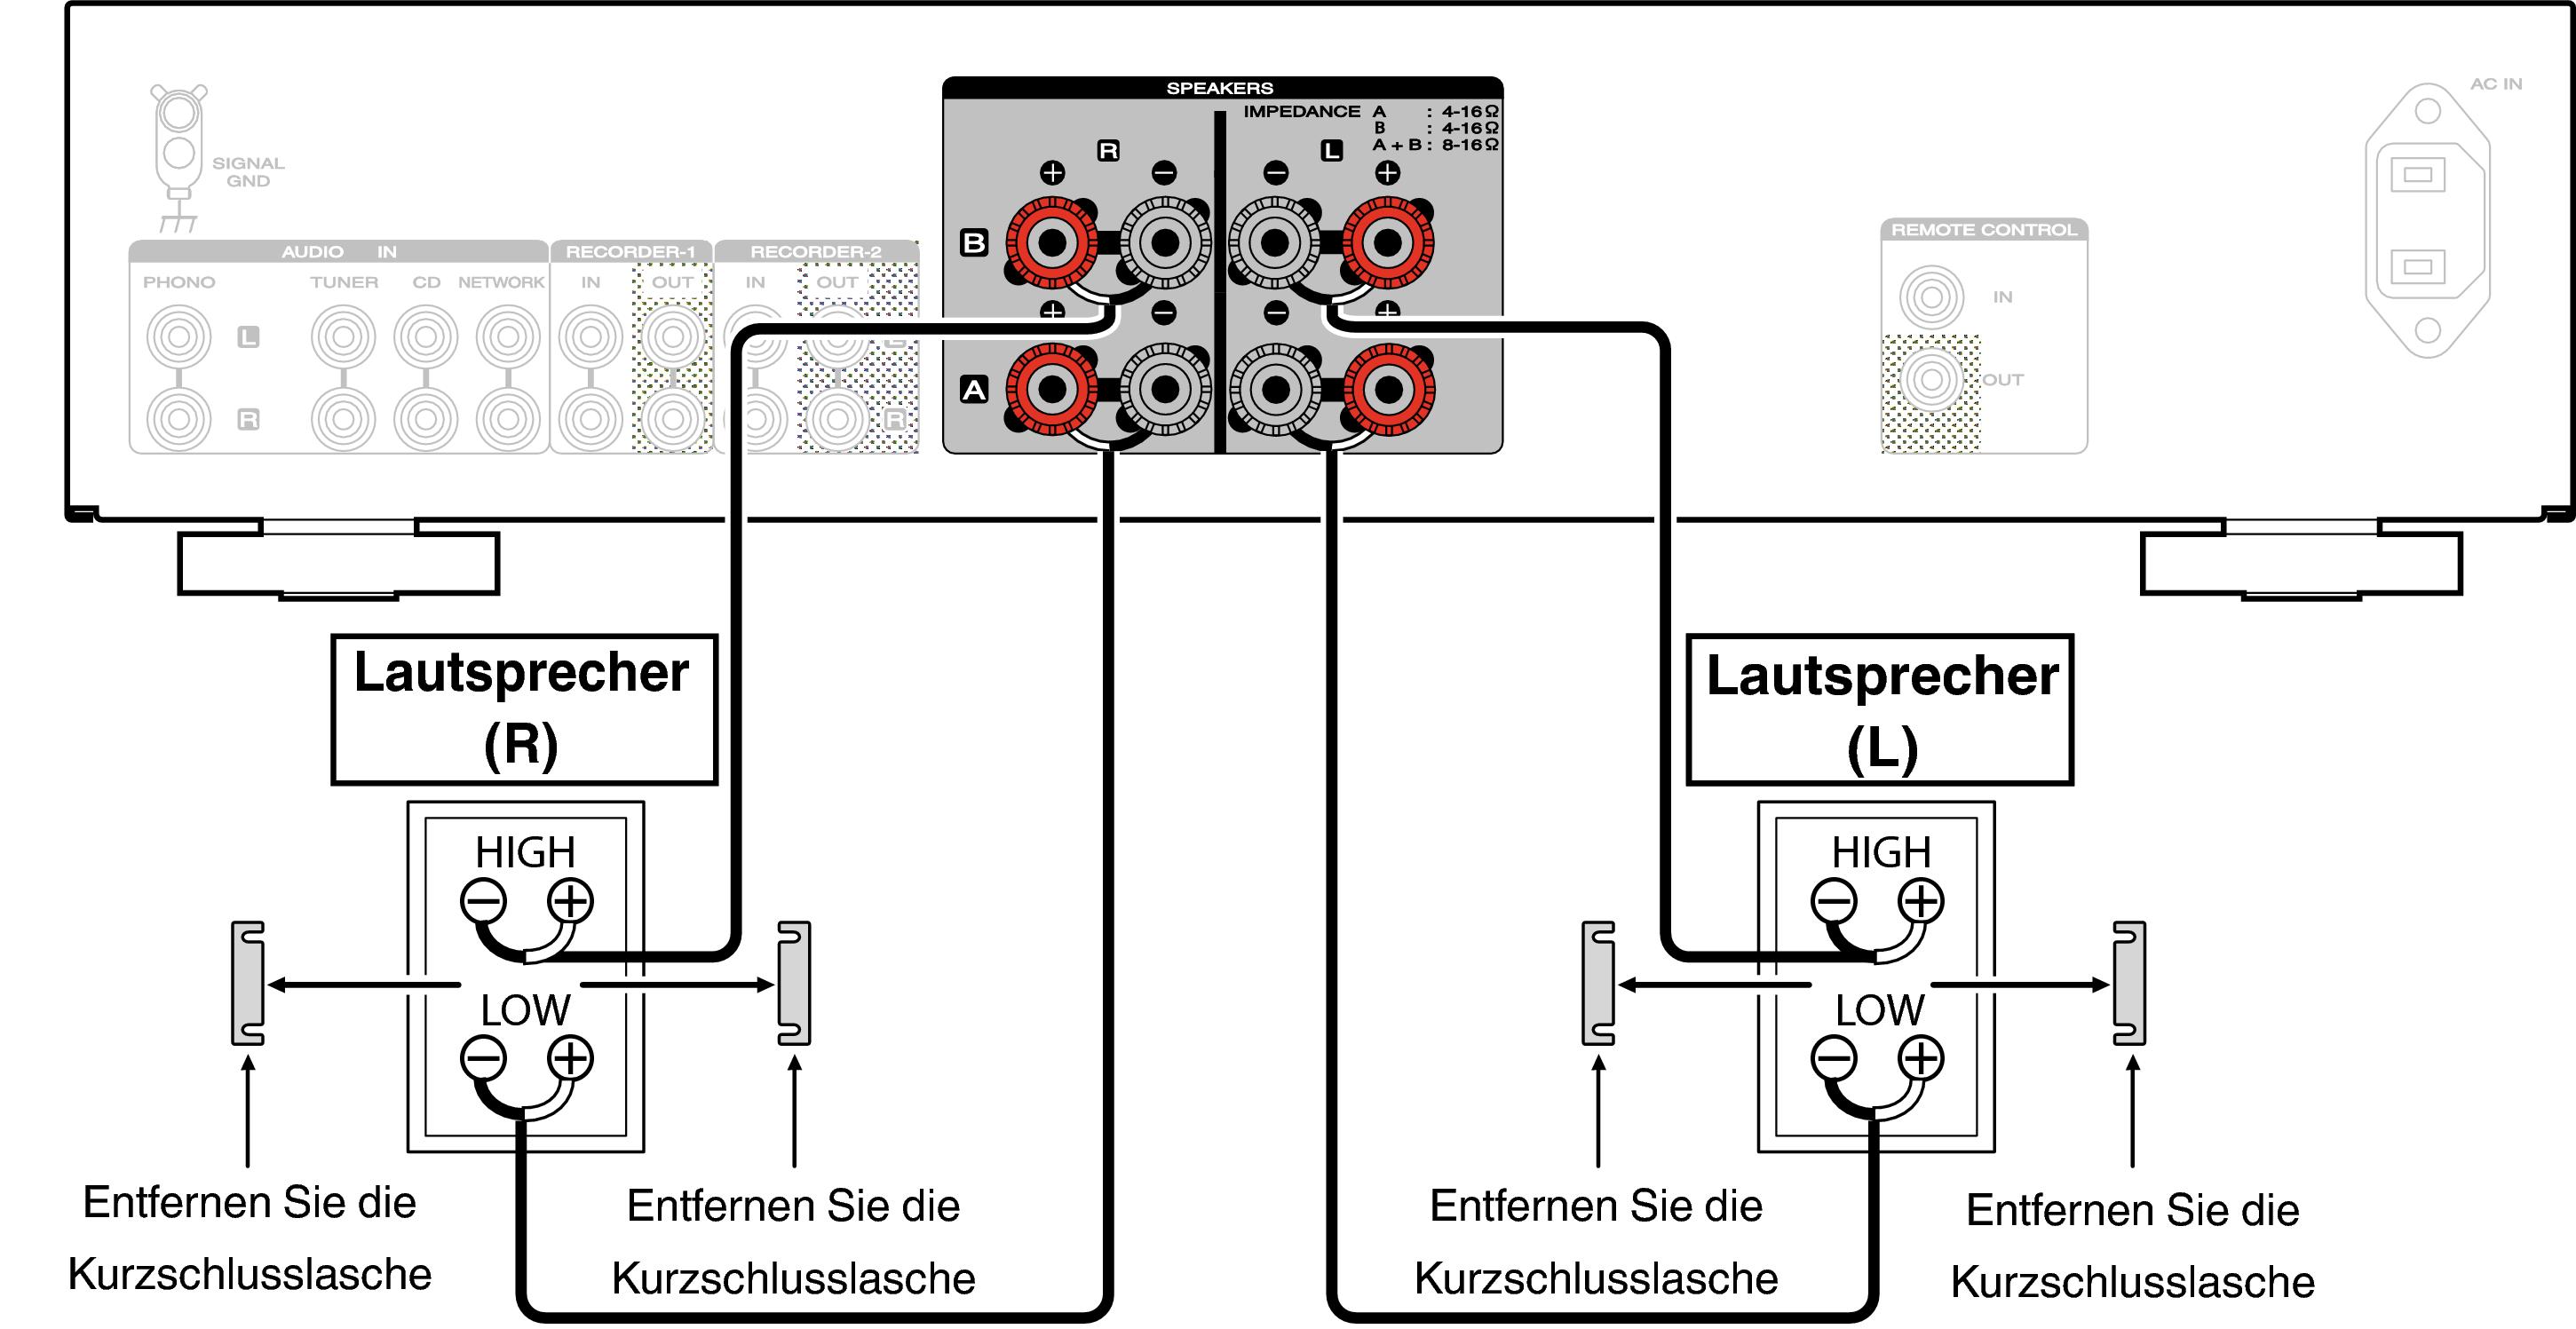 Schön Bi Lautsprecher Diagramm Ideen - Der Schaltplan - triangre.info